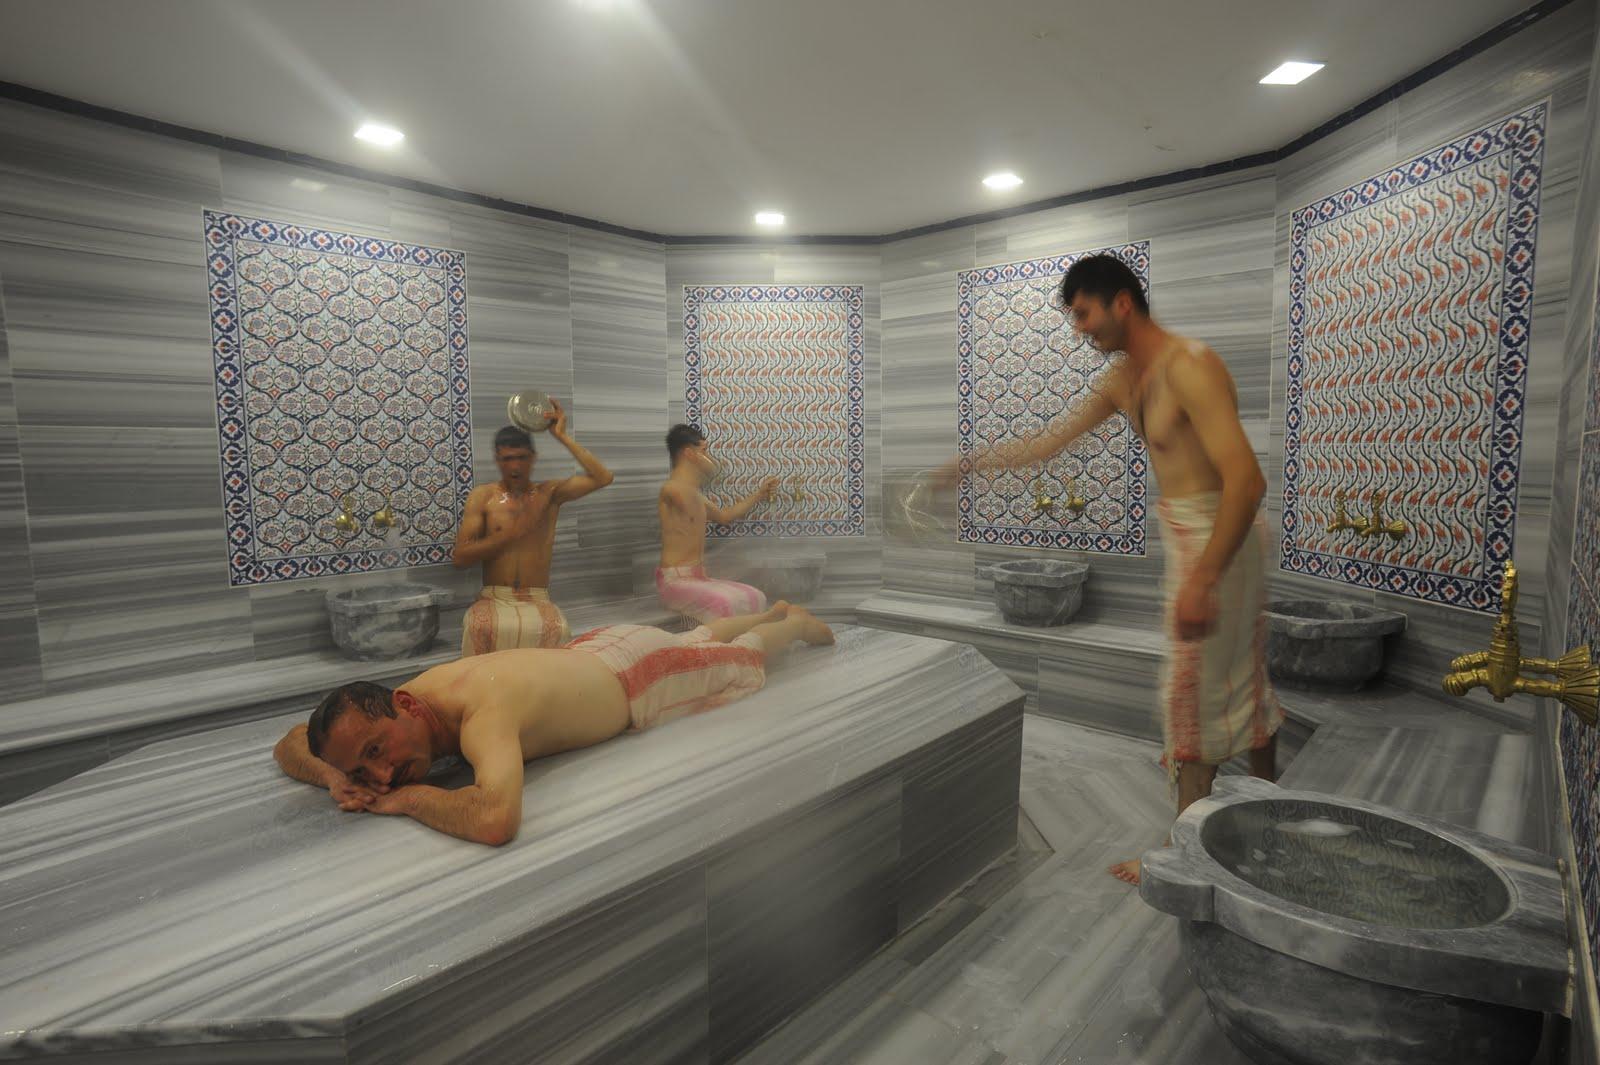 Турки в бане хамам миньет женщине